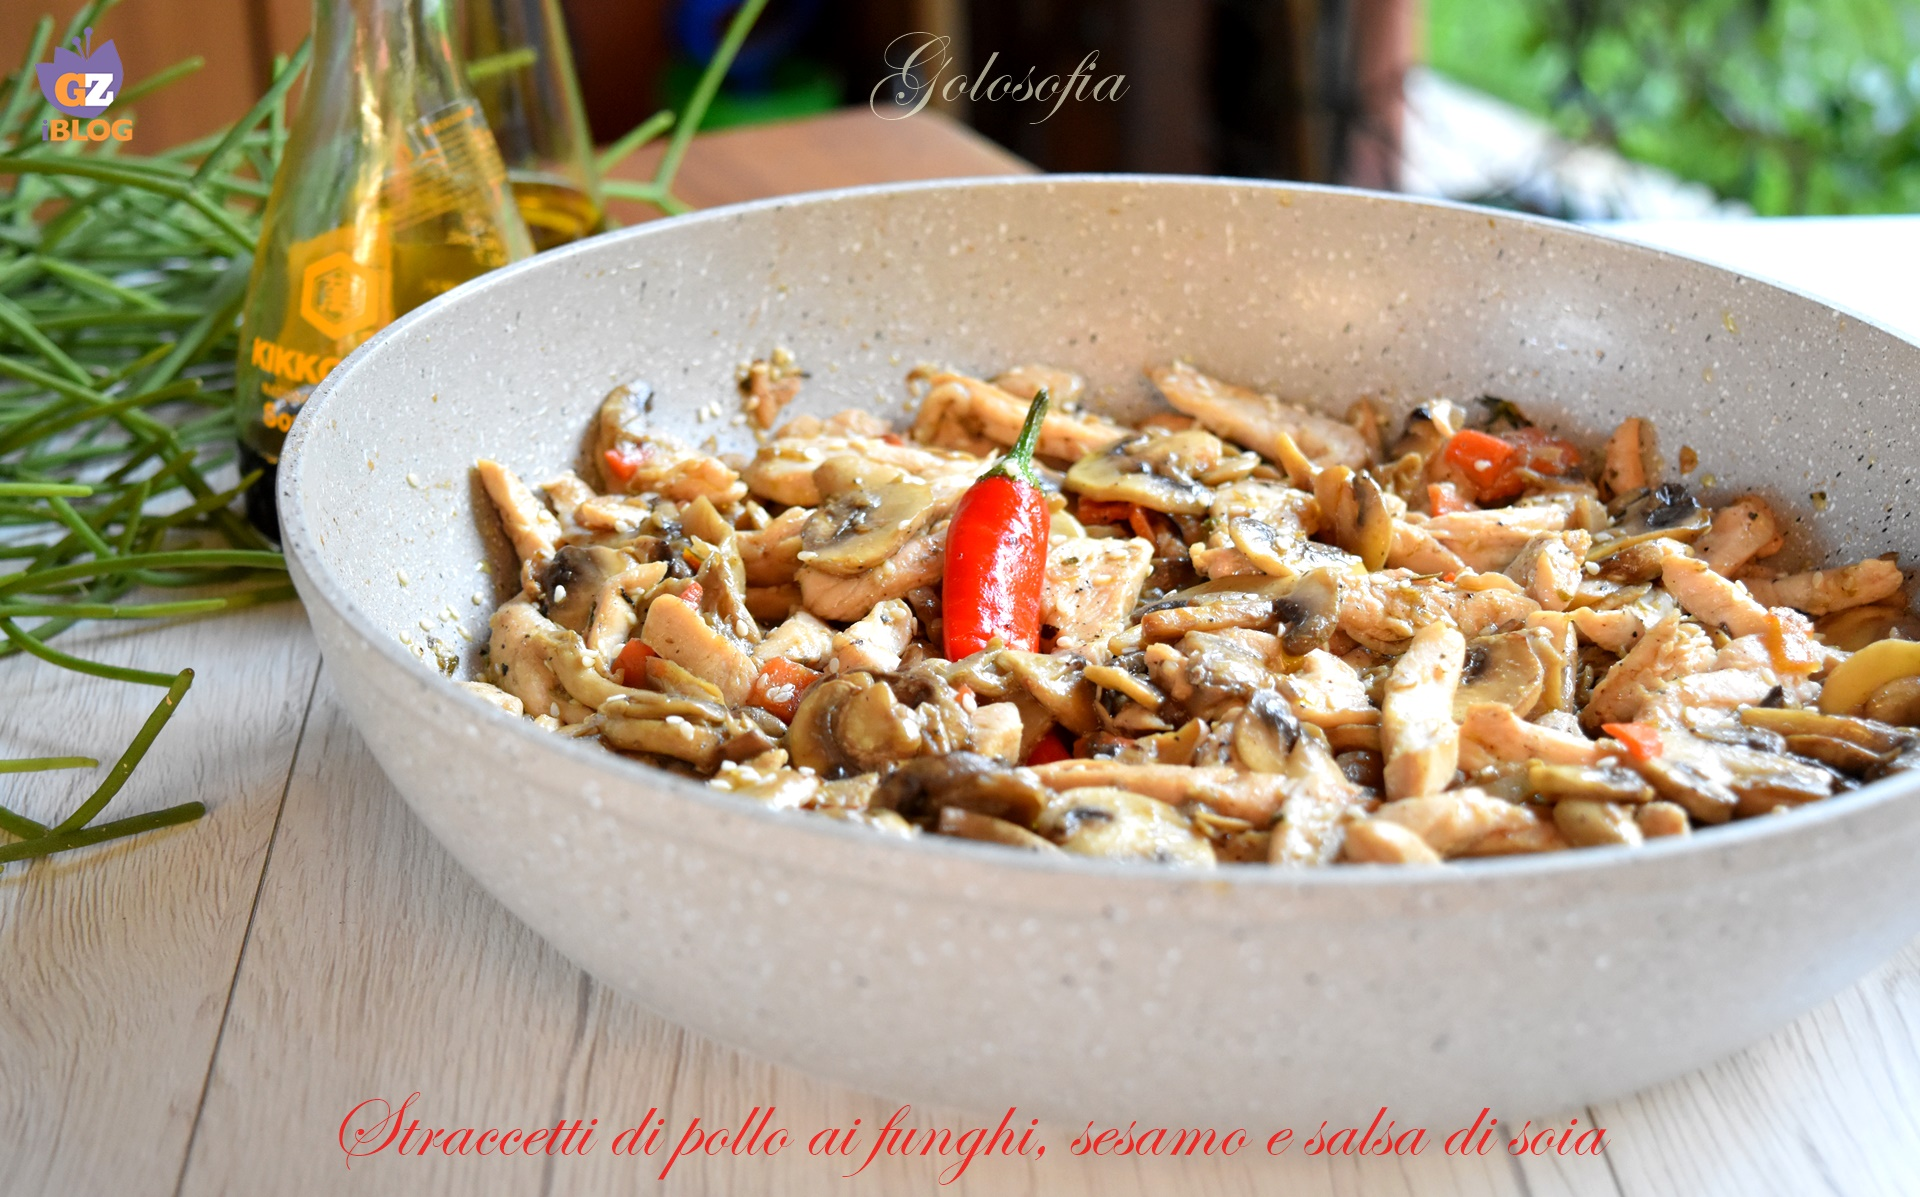 Straccetti di pollo ai funghi, sesamo e salsa di soia, ricetta gustosa